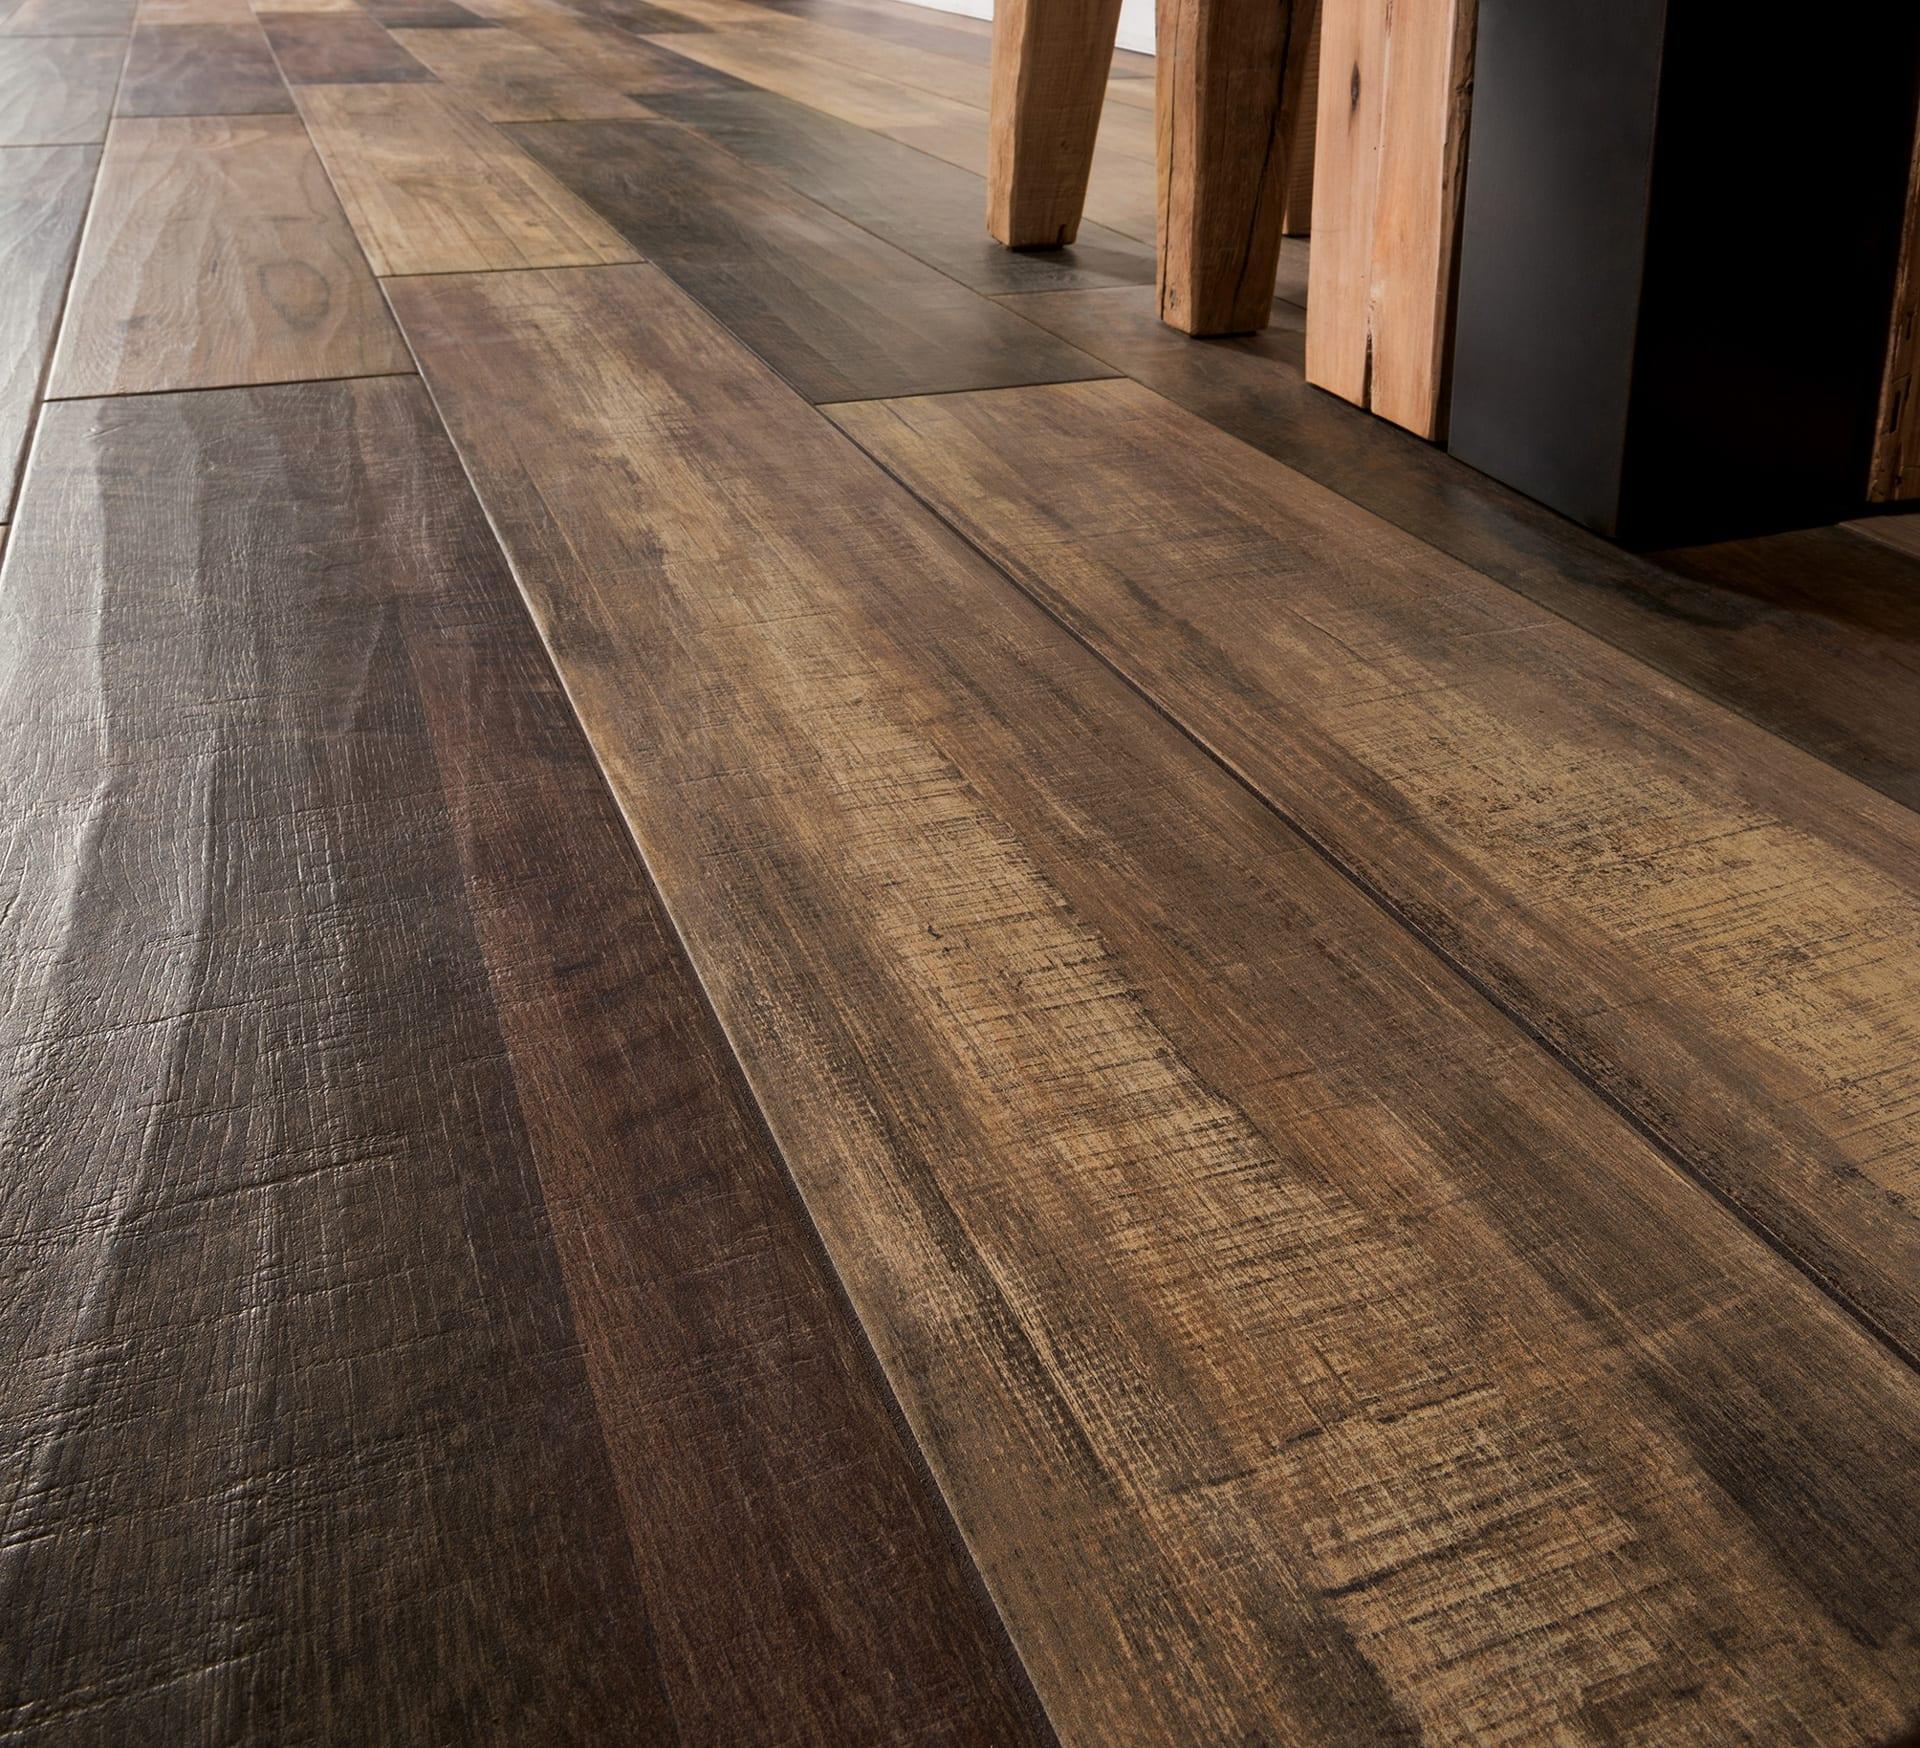 Wood Look Tiles In Interior Design Ceramica Info